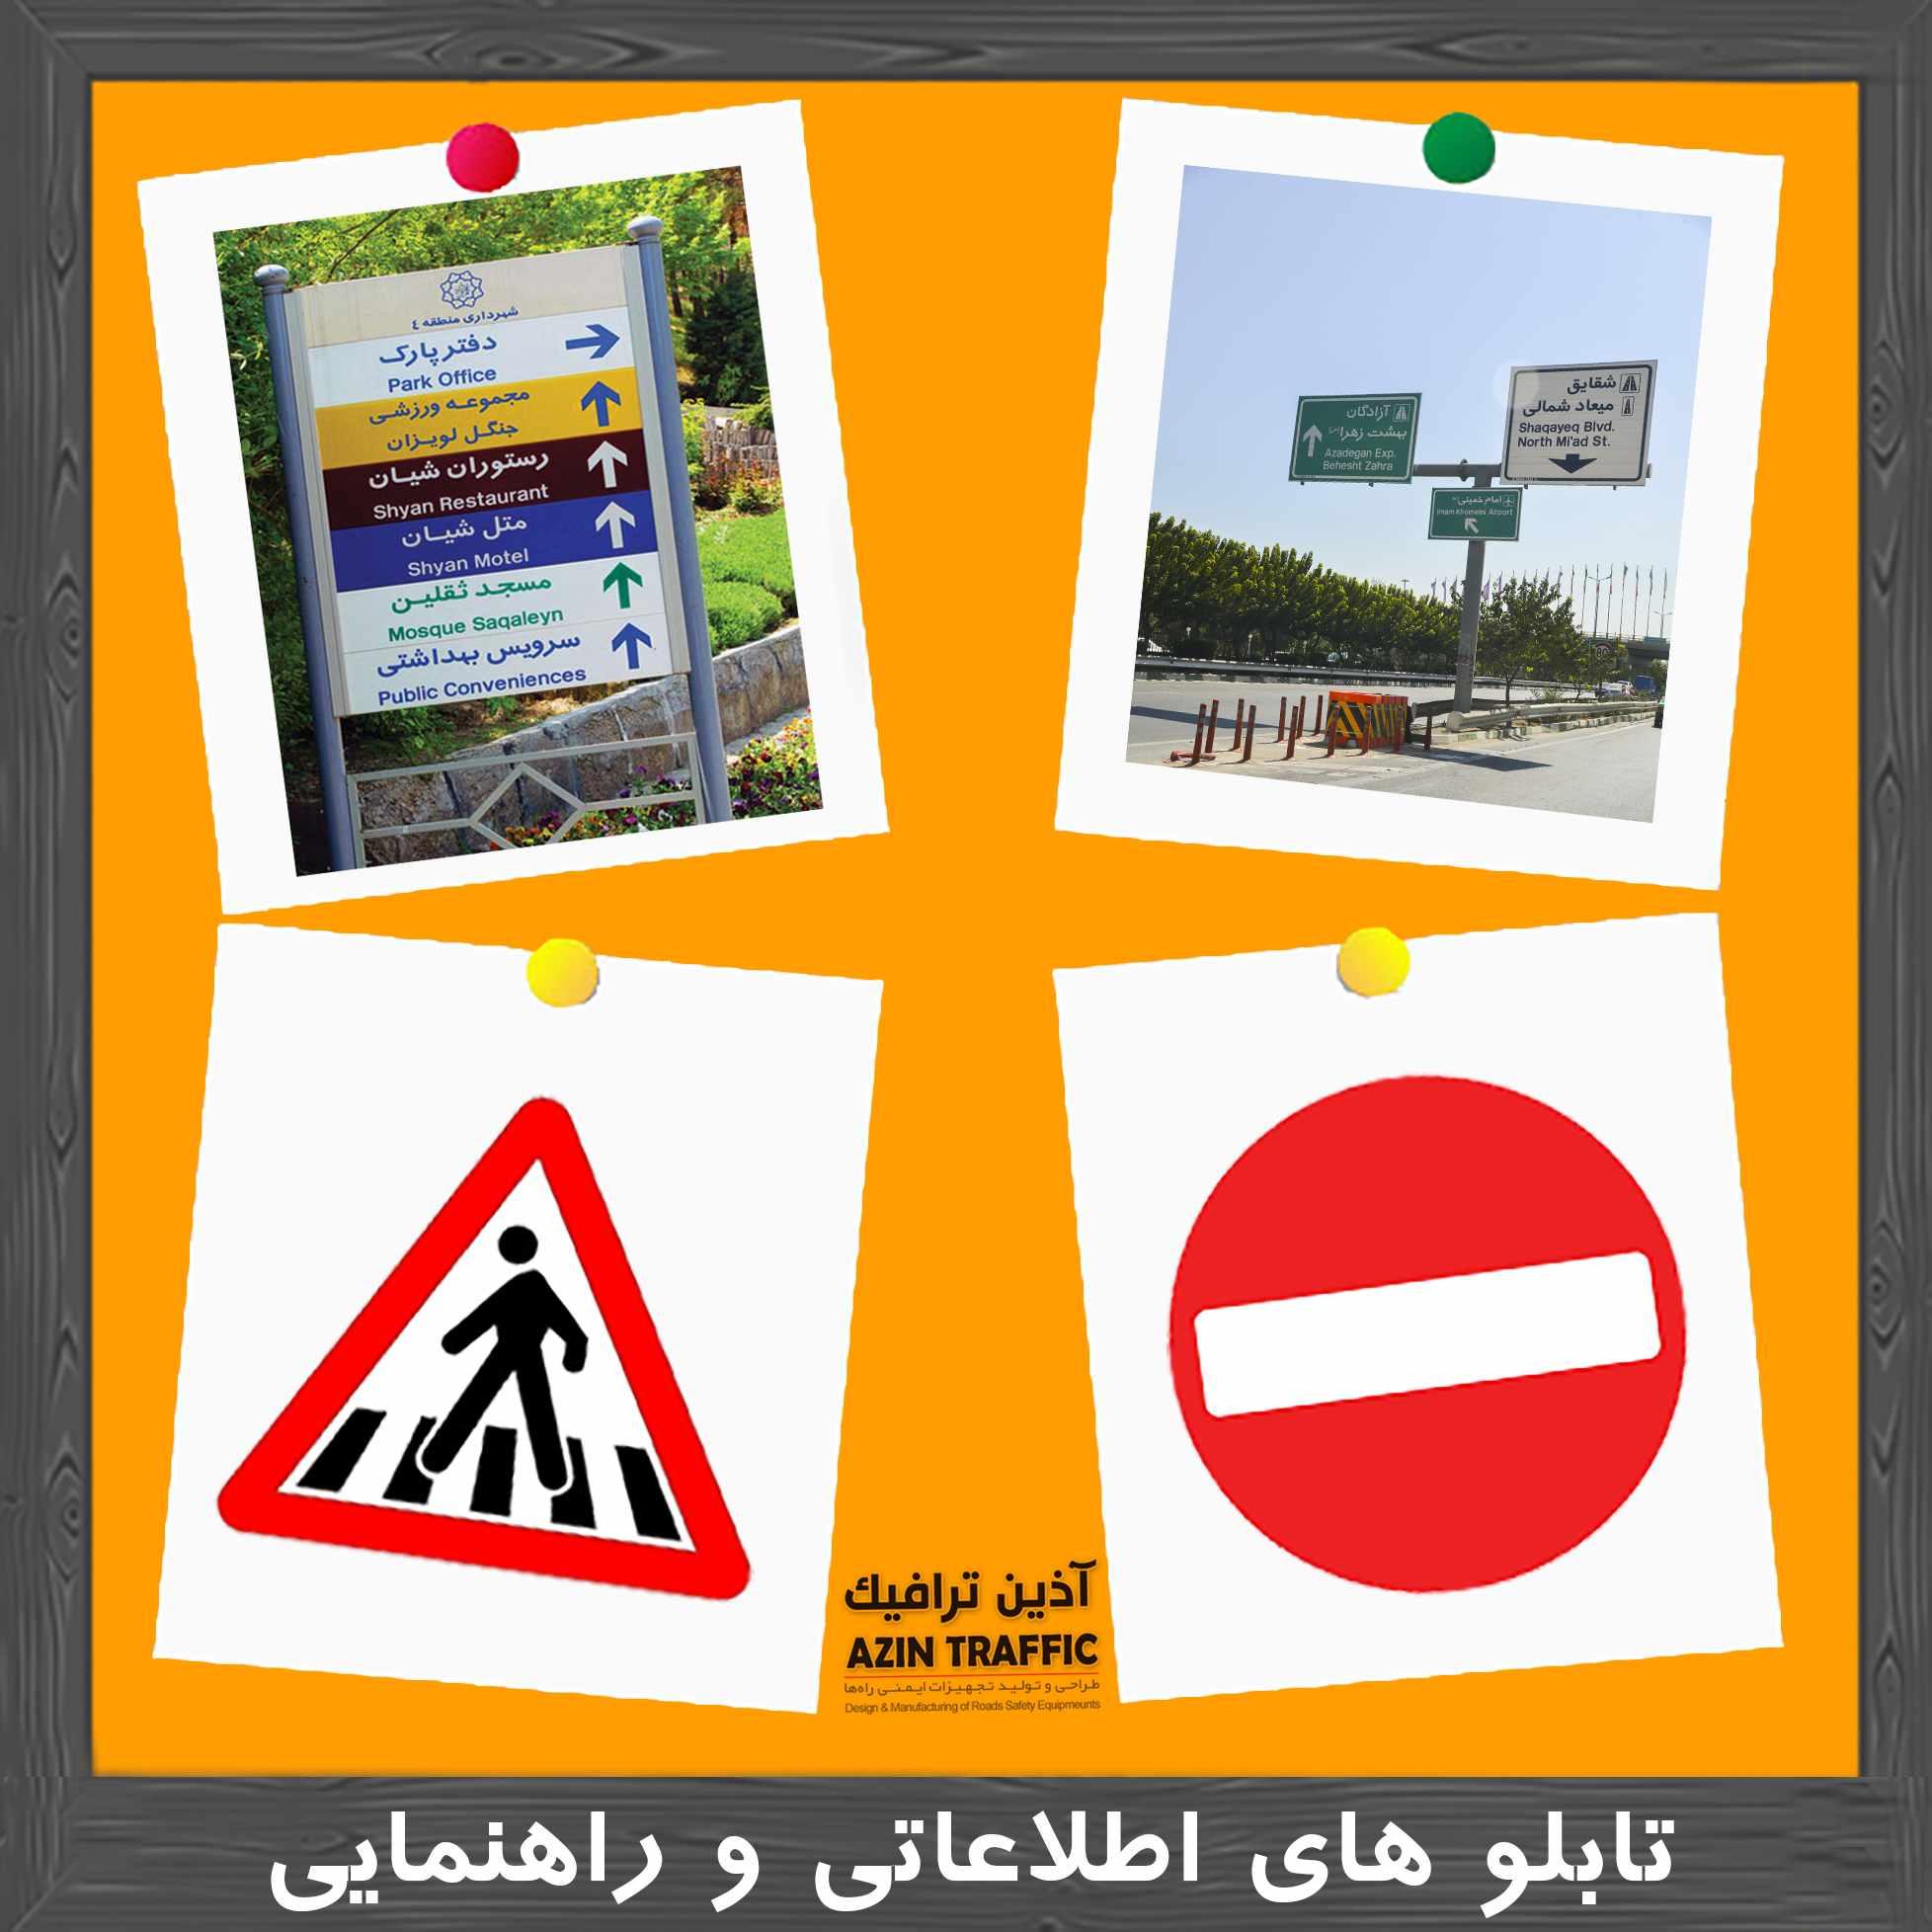 تابلوهای اطلاعاتی و راهنمایی1